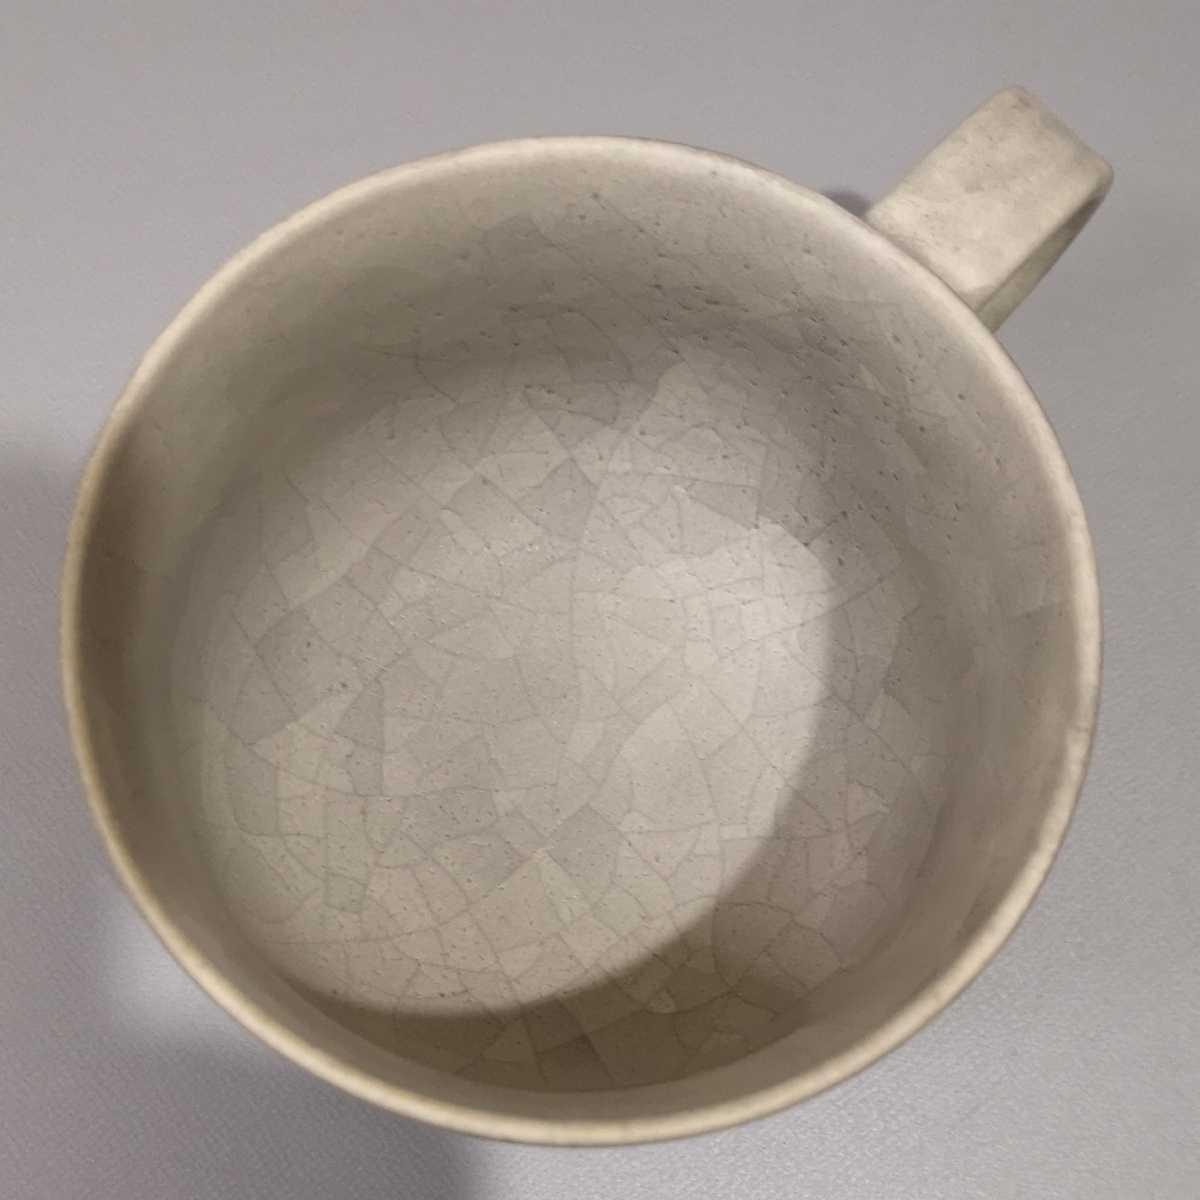 叶46)萩焼 コーヒーカップ マグカップ 珈琲器 未使用新品 同梱歓迎_画像4